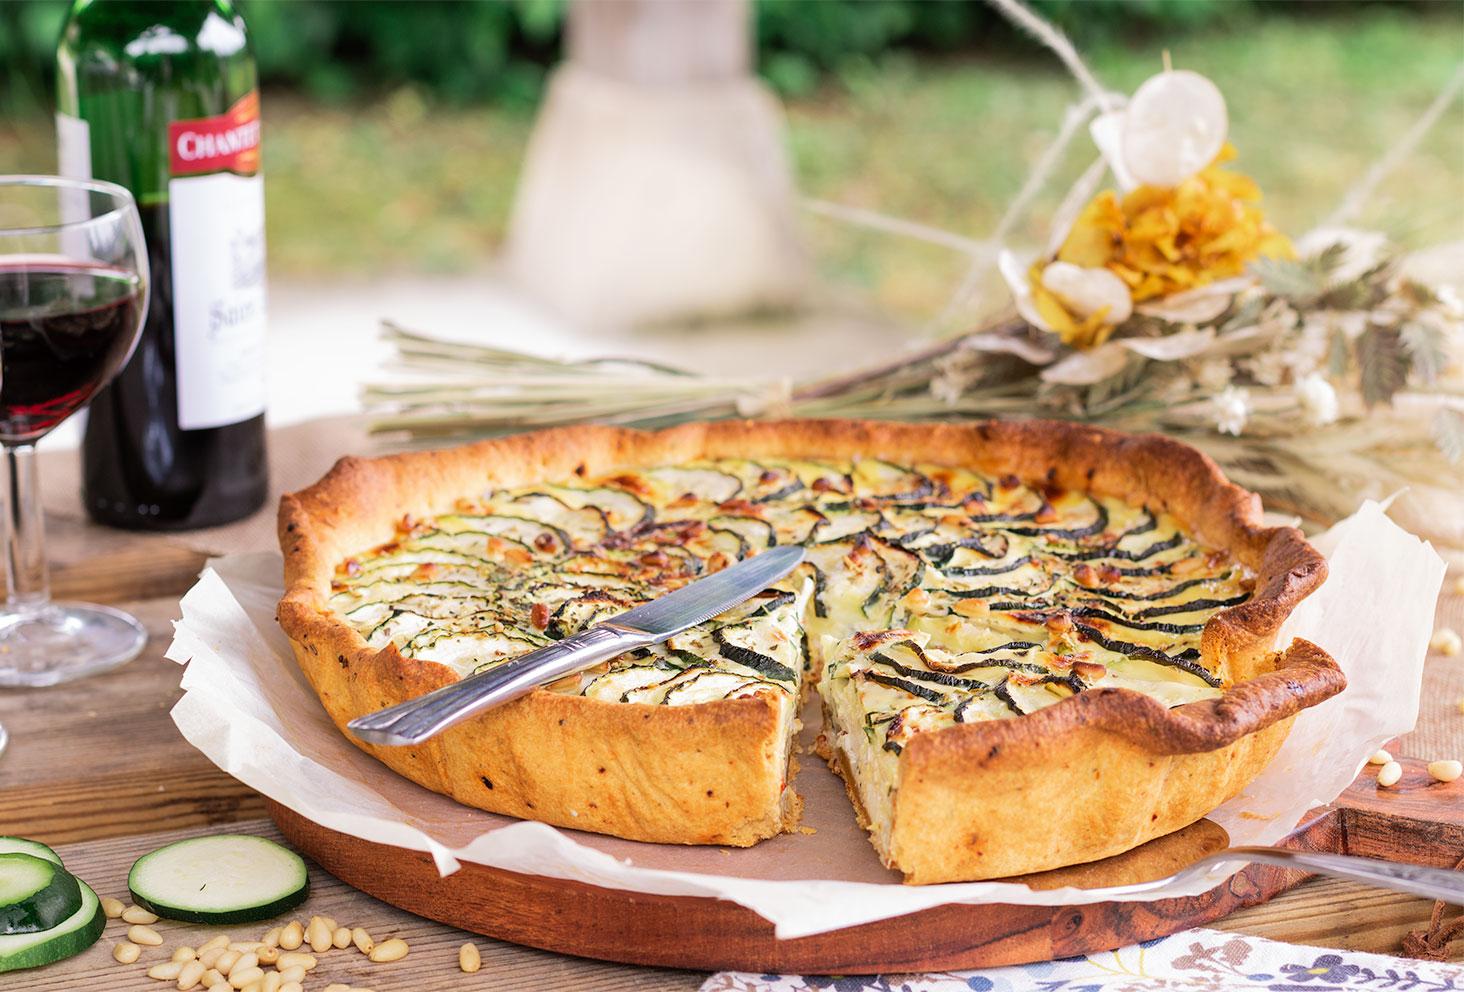 Zoom sur une tarte courgette d'une part coupée, posée sur une table de pique-nique en bois, au milieu de verres de vin et de bouquet de fleurs